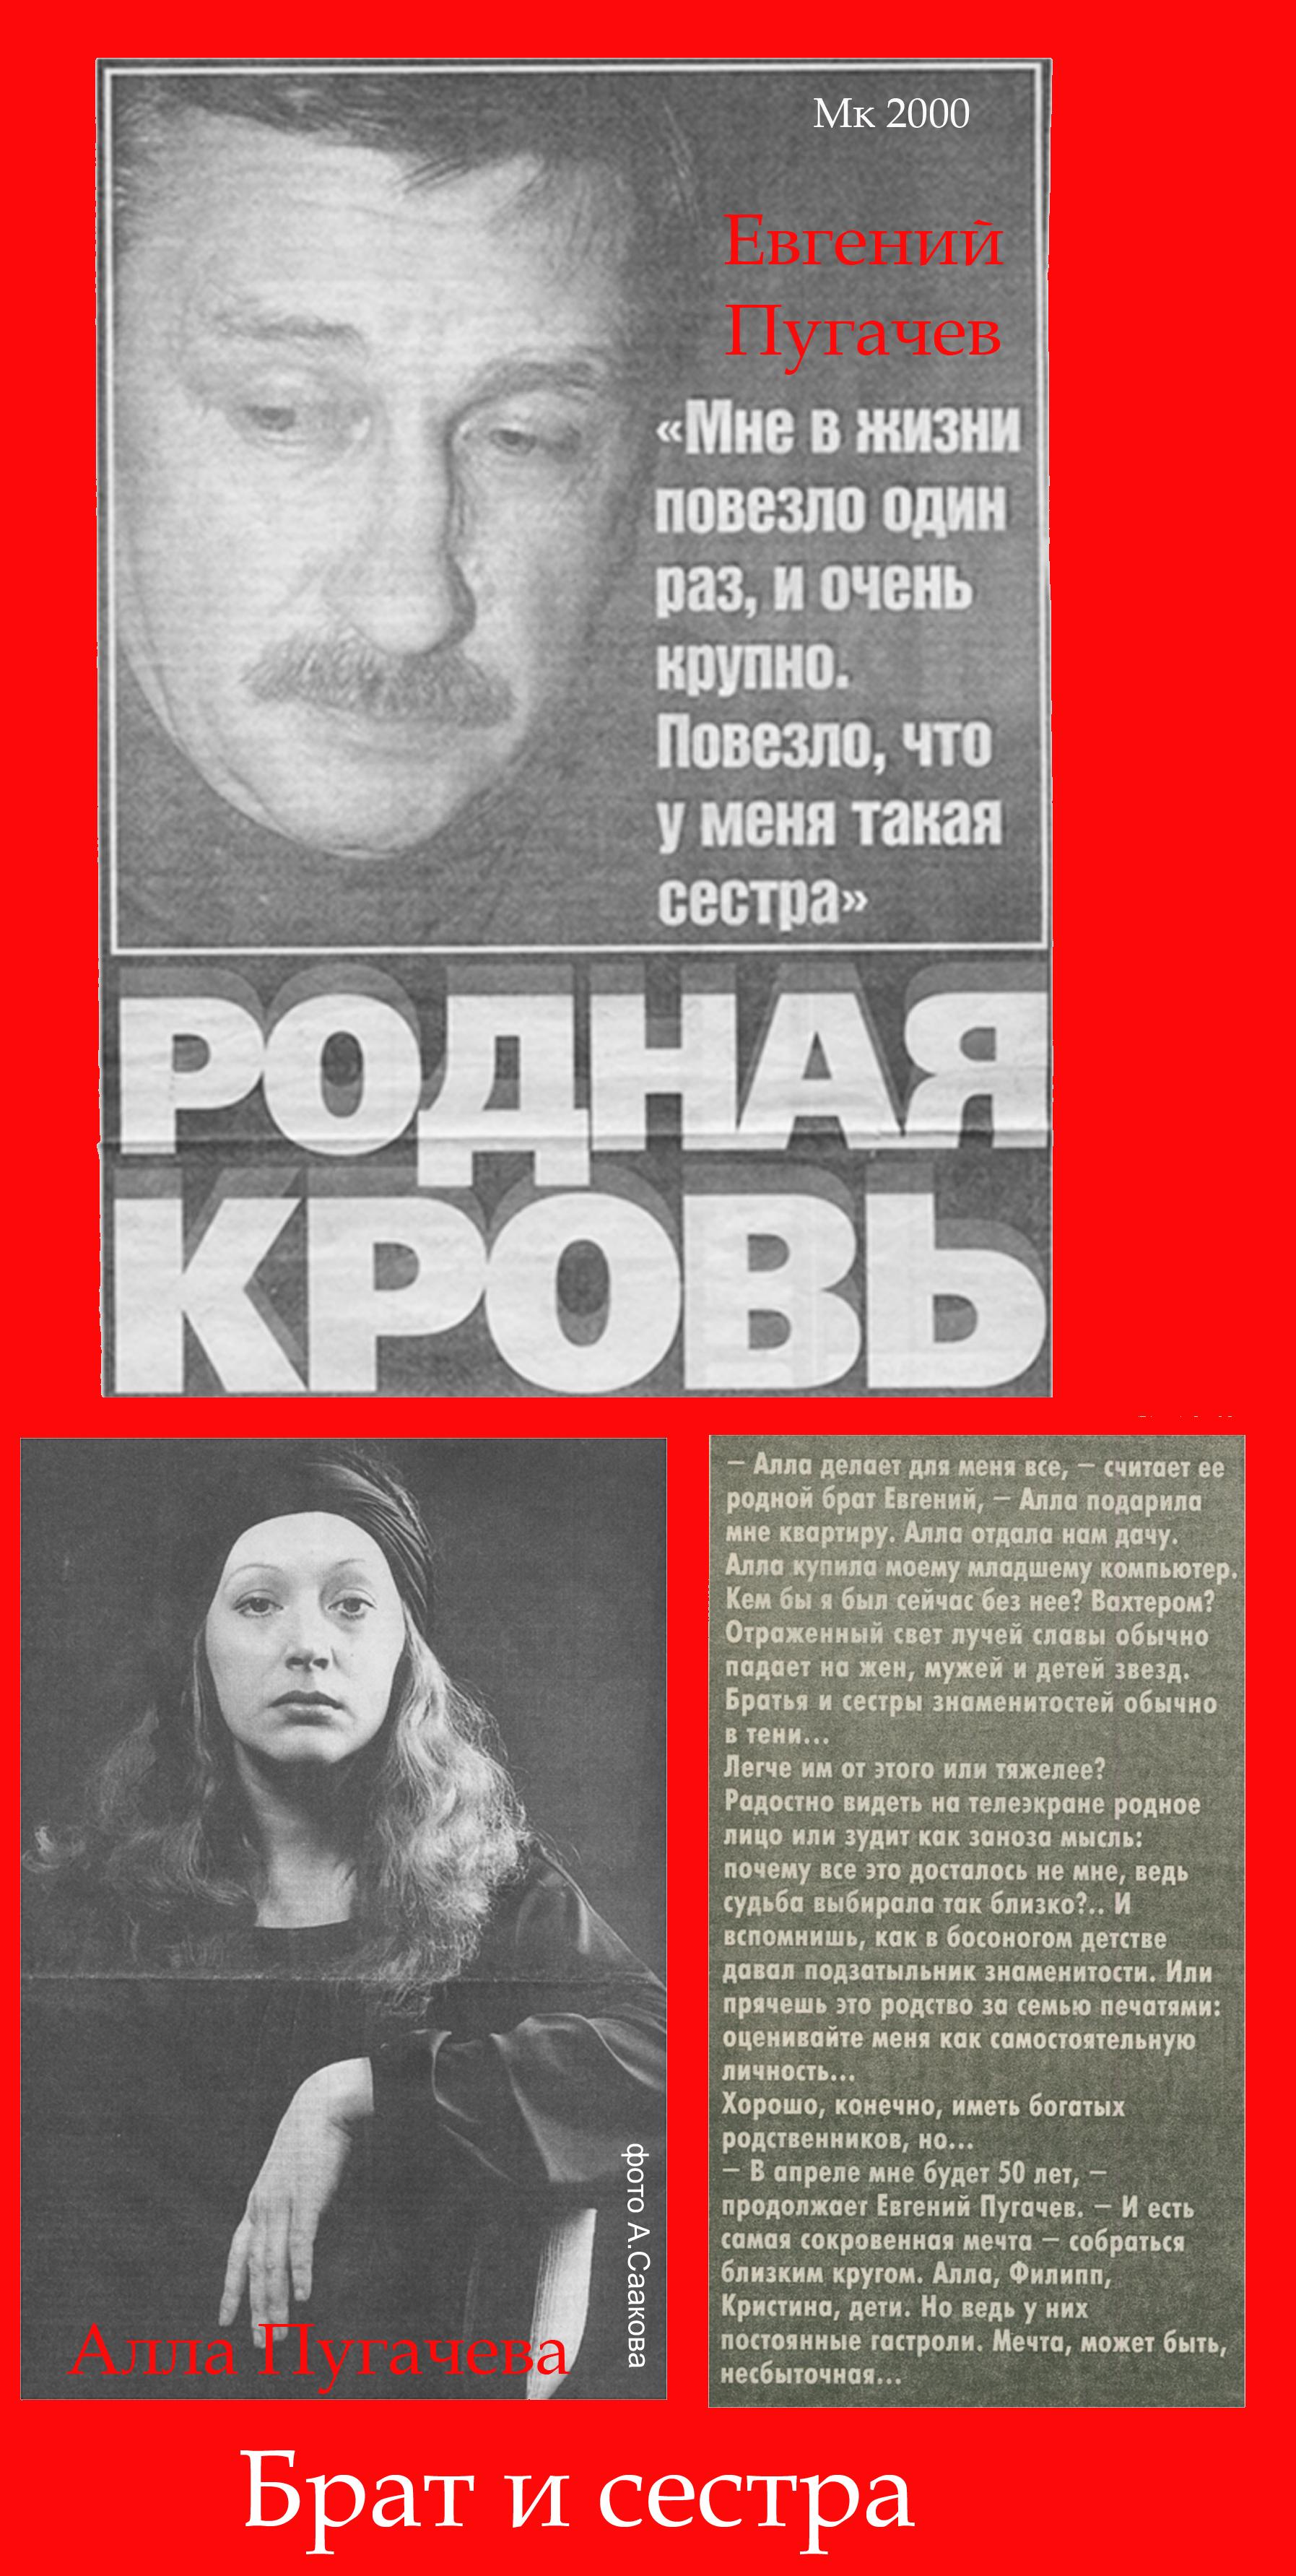 http://s7.uploads.ru/8KZPi.jpg